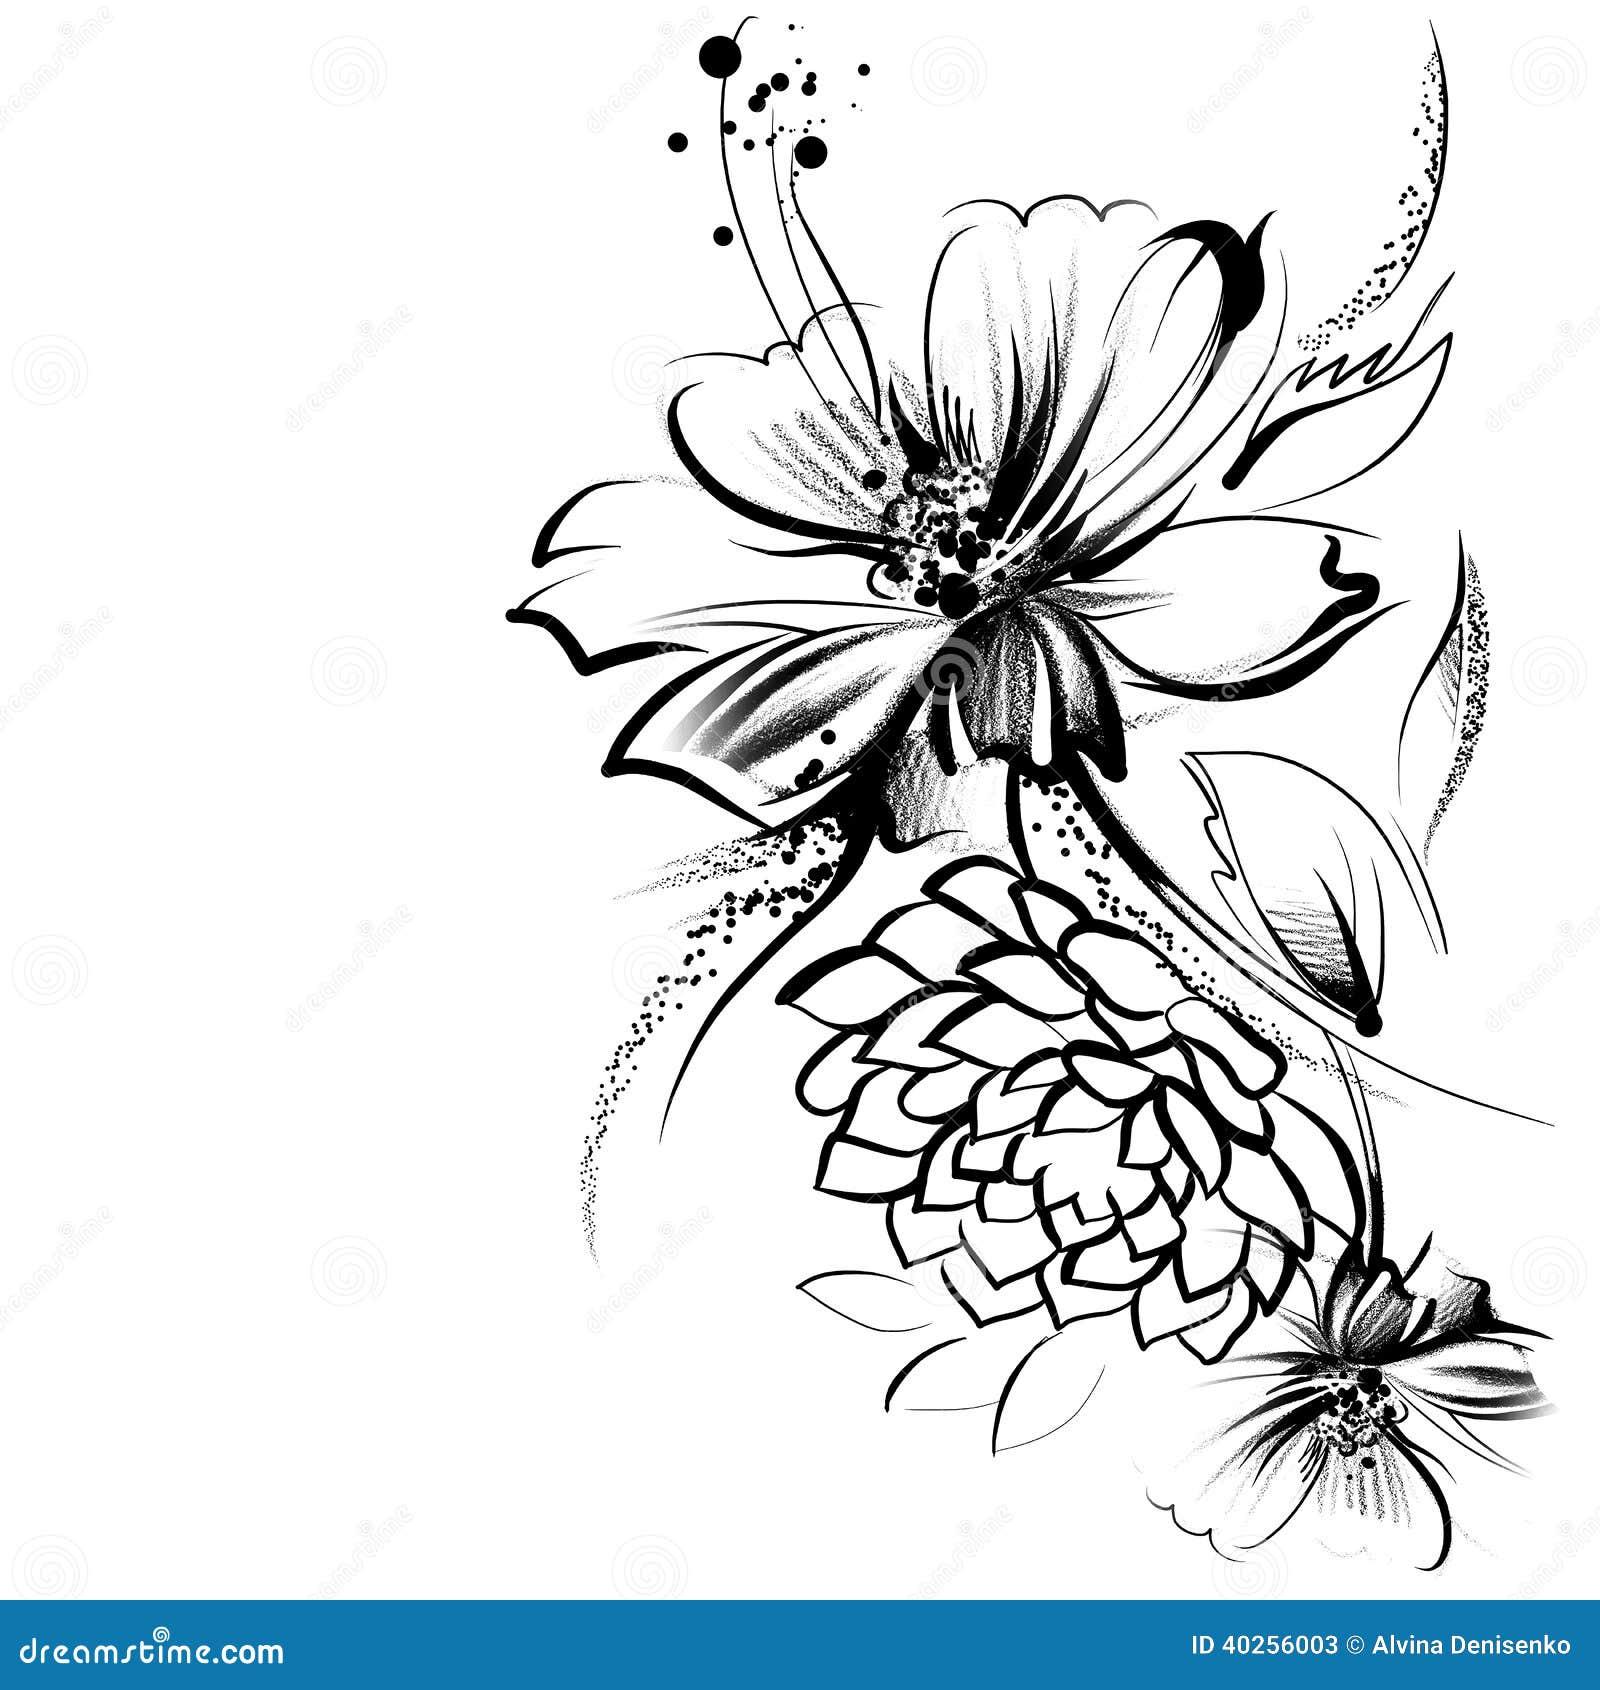 blumen gezeichnet in tinte auf einem wei buch stock abbildung illustration von floral. Black Bedroom Furniture Sets. Home Design Ideas